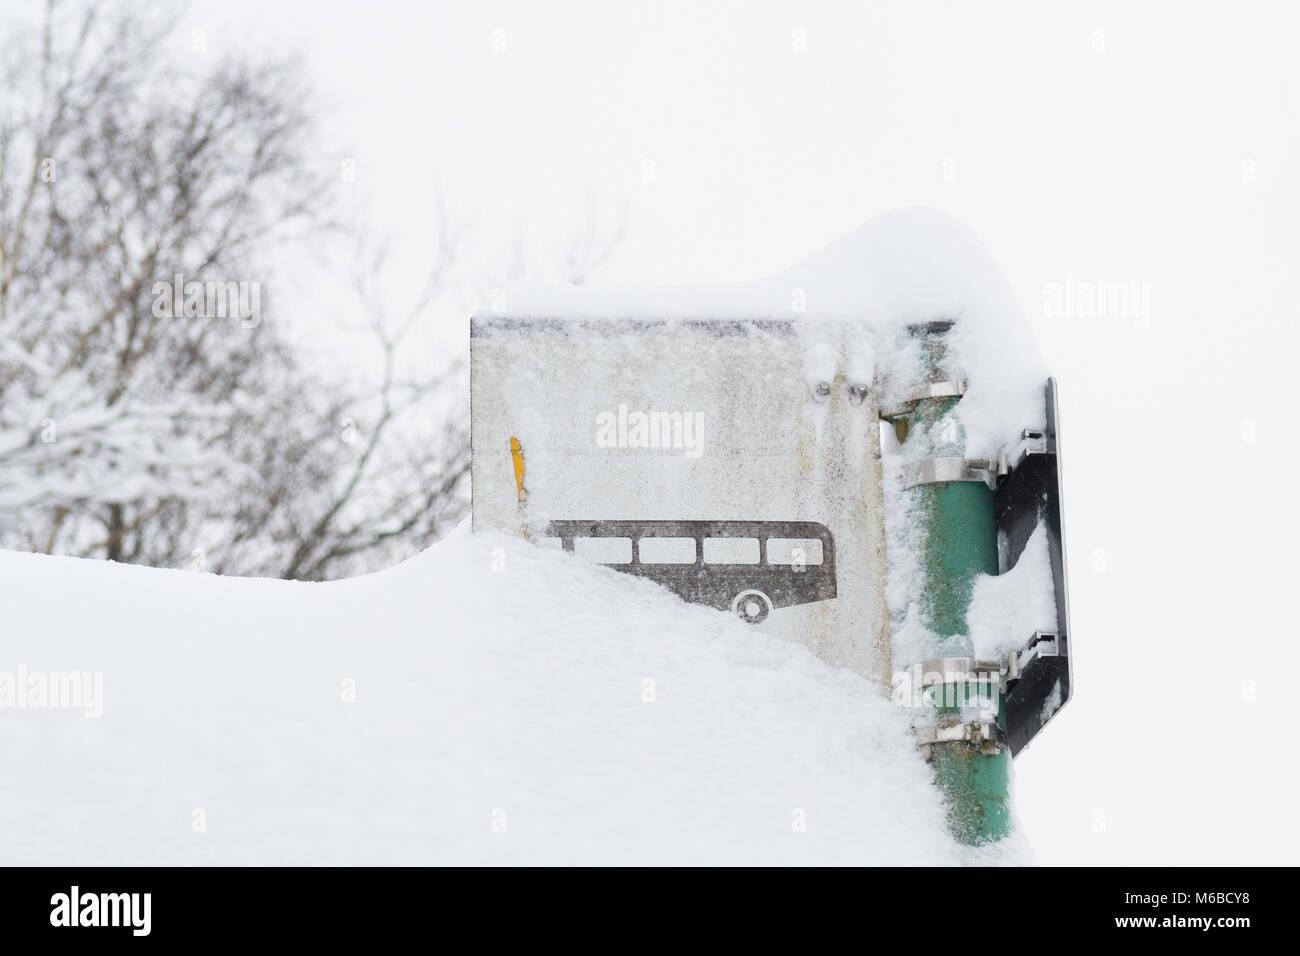 Bus stop sign recouvert de neige - Les transports publics en hiver concept - Écosse, Royaume-Uni Photo Stock